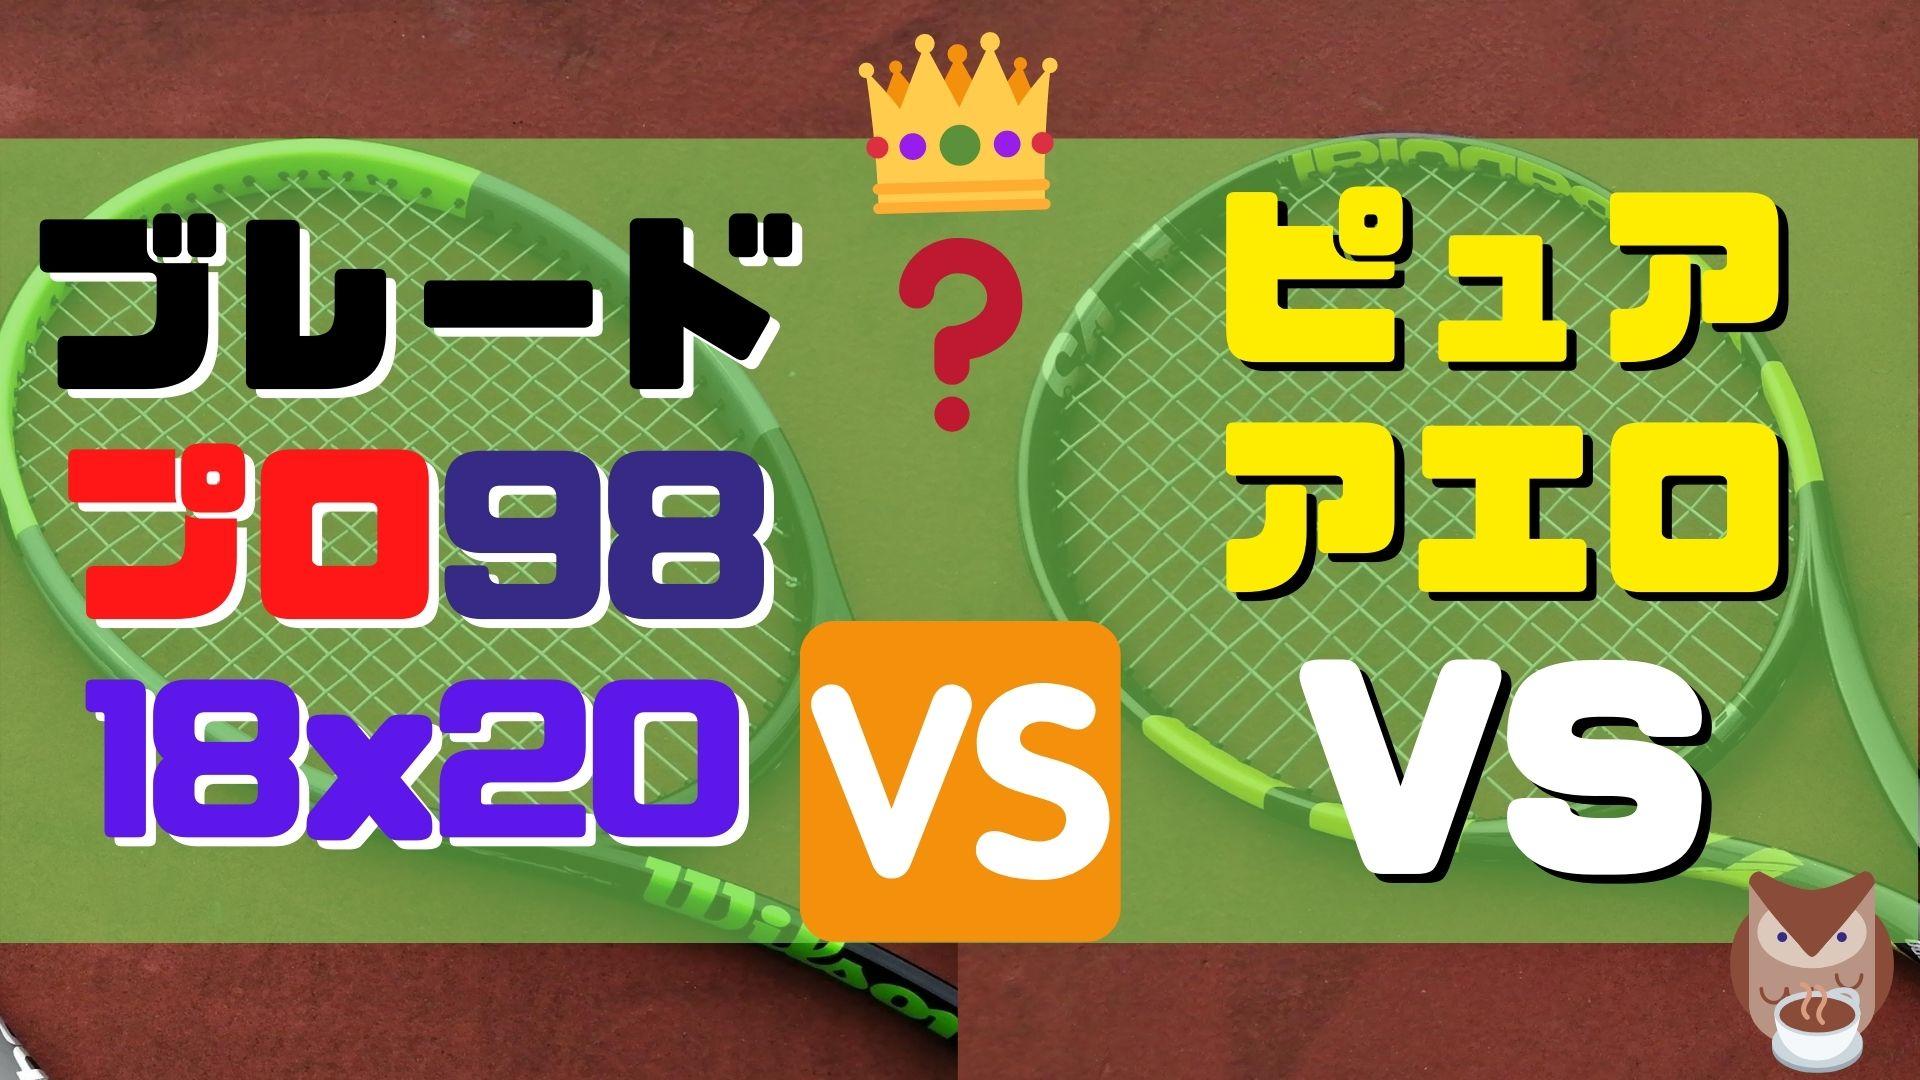 ブレードプロ 98(18×20) vs. ピュアアエロVS 2020【インプレ比較】